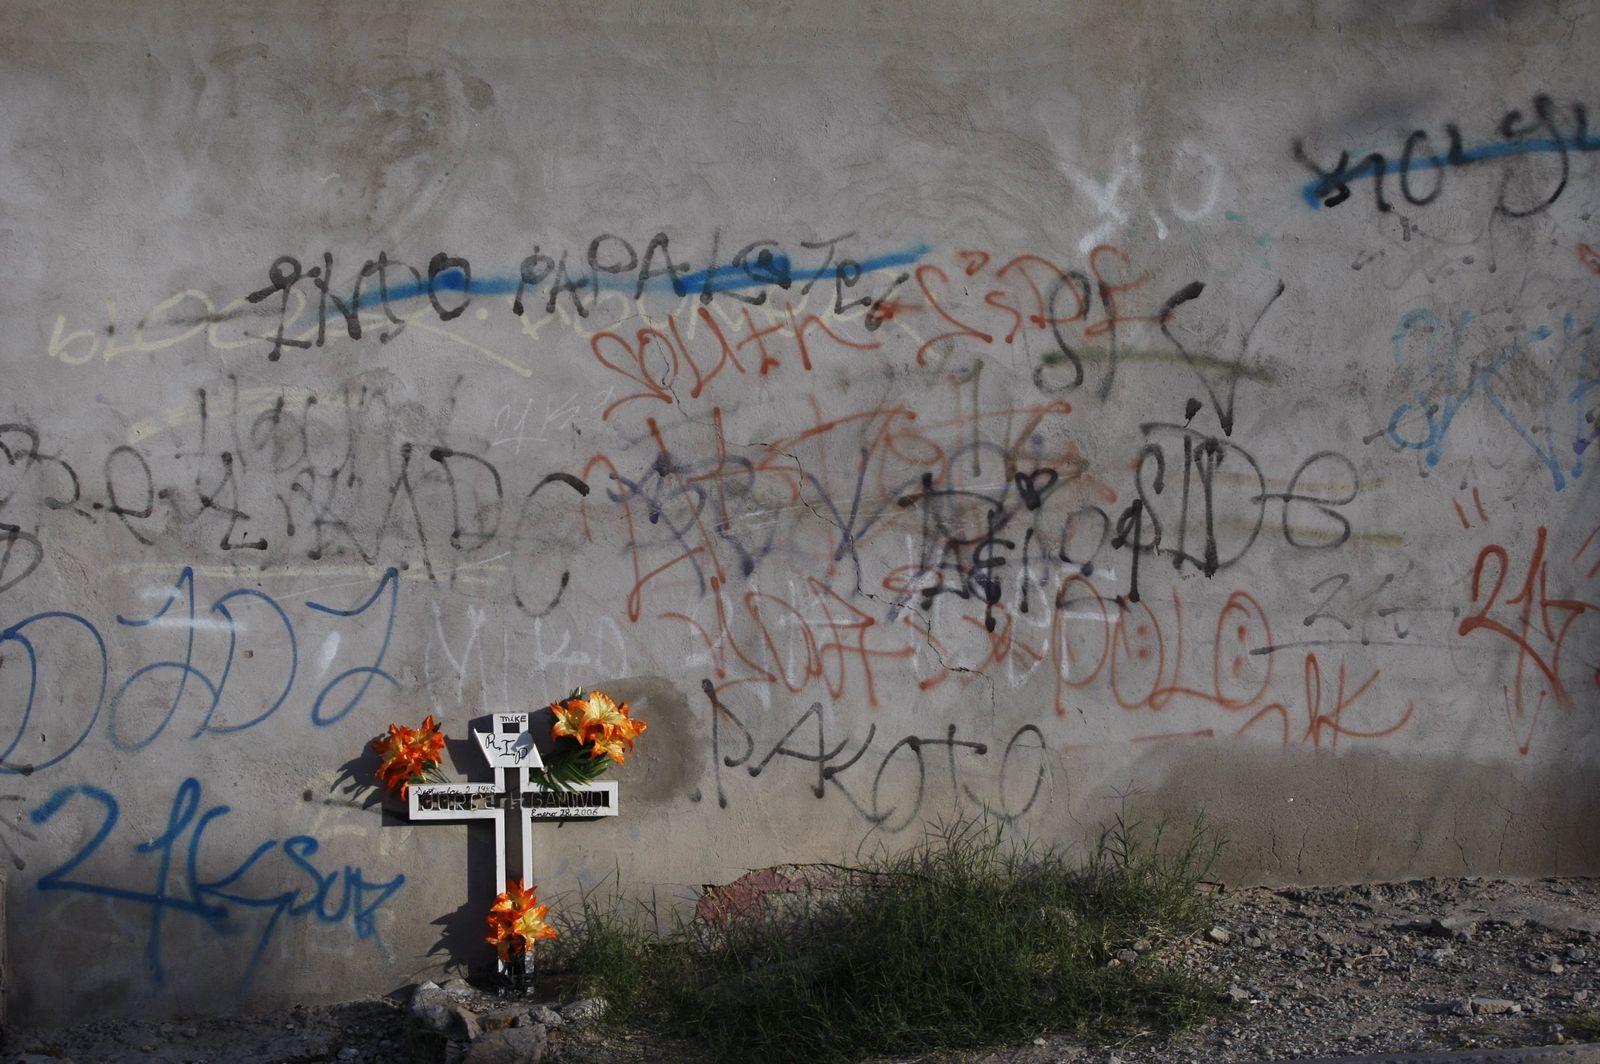 MEXICO Drogen Morde